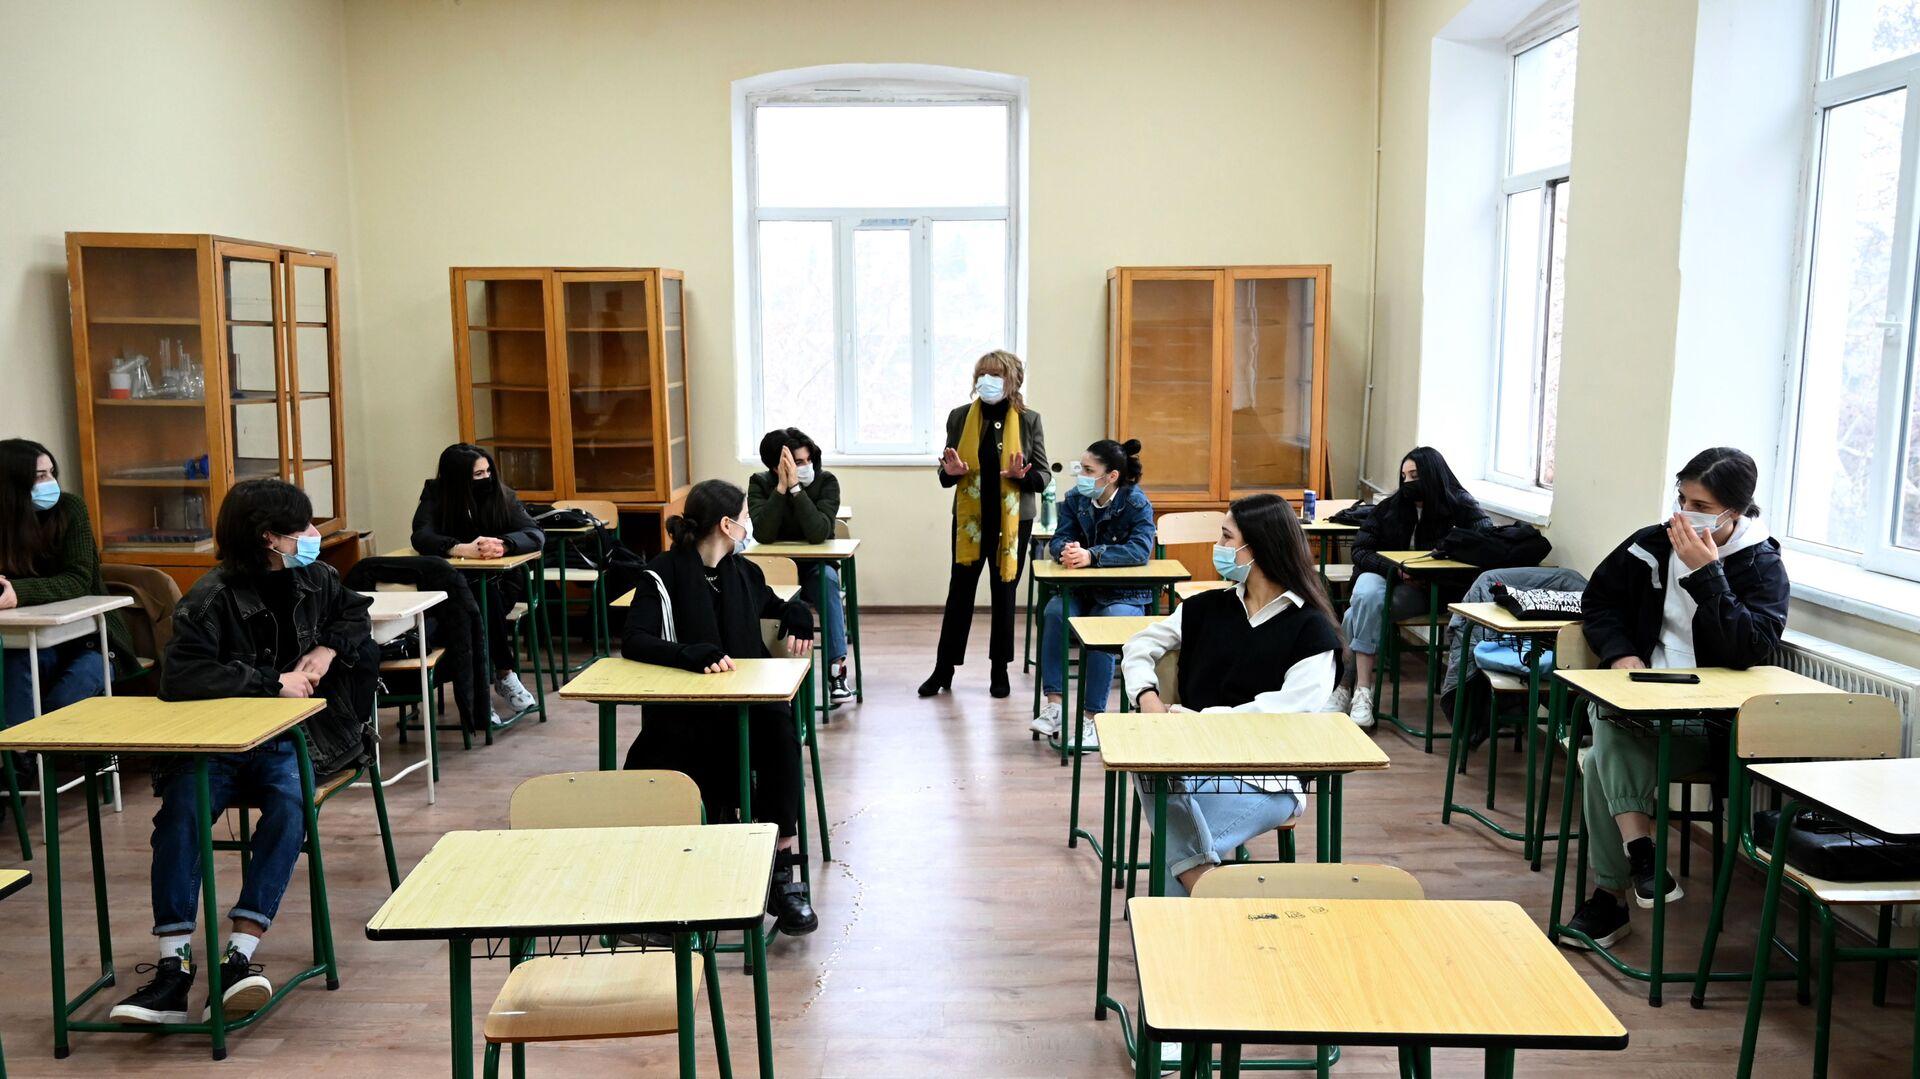 Учеба в школе во время эпидемии коронавируса - дети и педагоги в масках - Sputnik Грузия, 1920, 04.10.2021